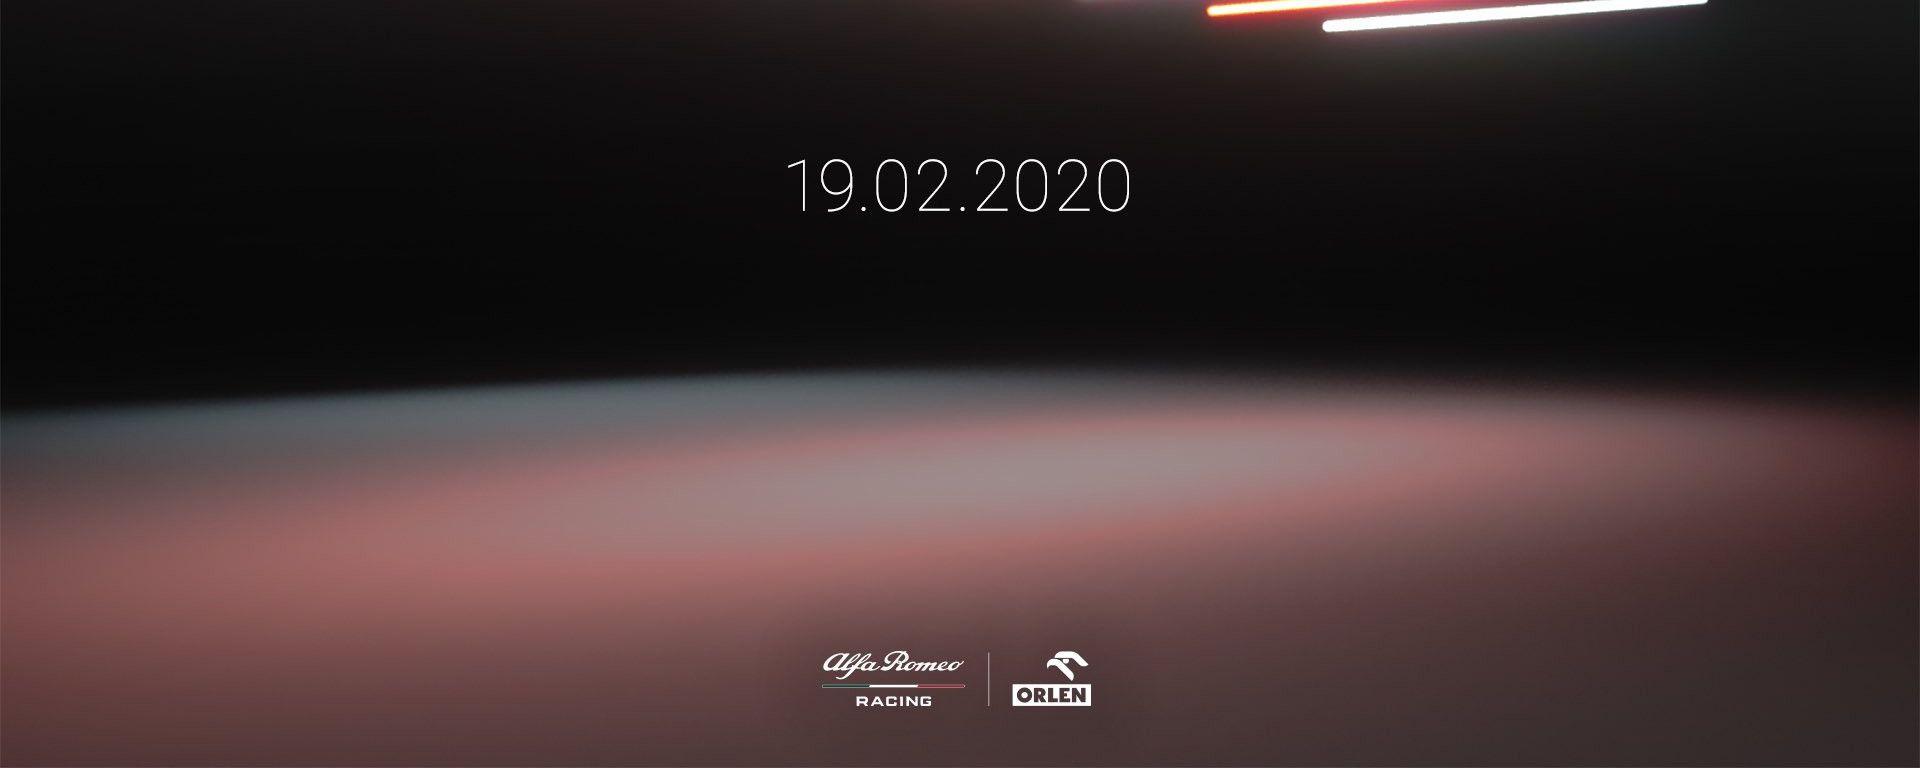 F1 2020: data presentazione nuova Alfa Romeo